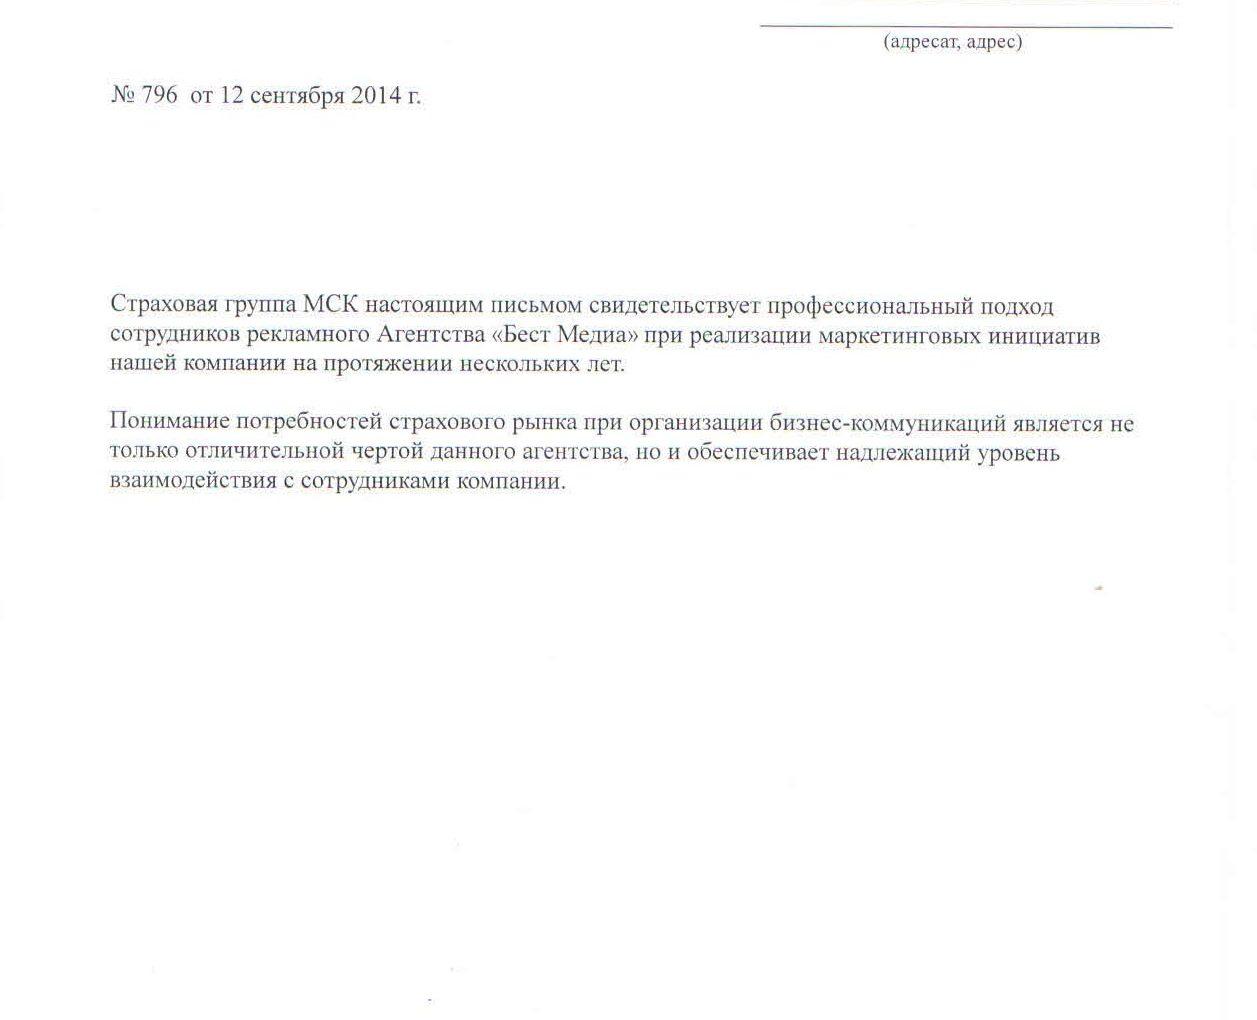 Рекомендательное письмо Страховая группа МСК